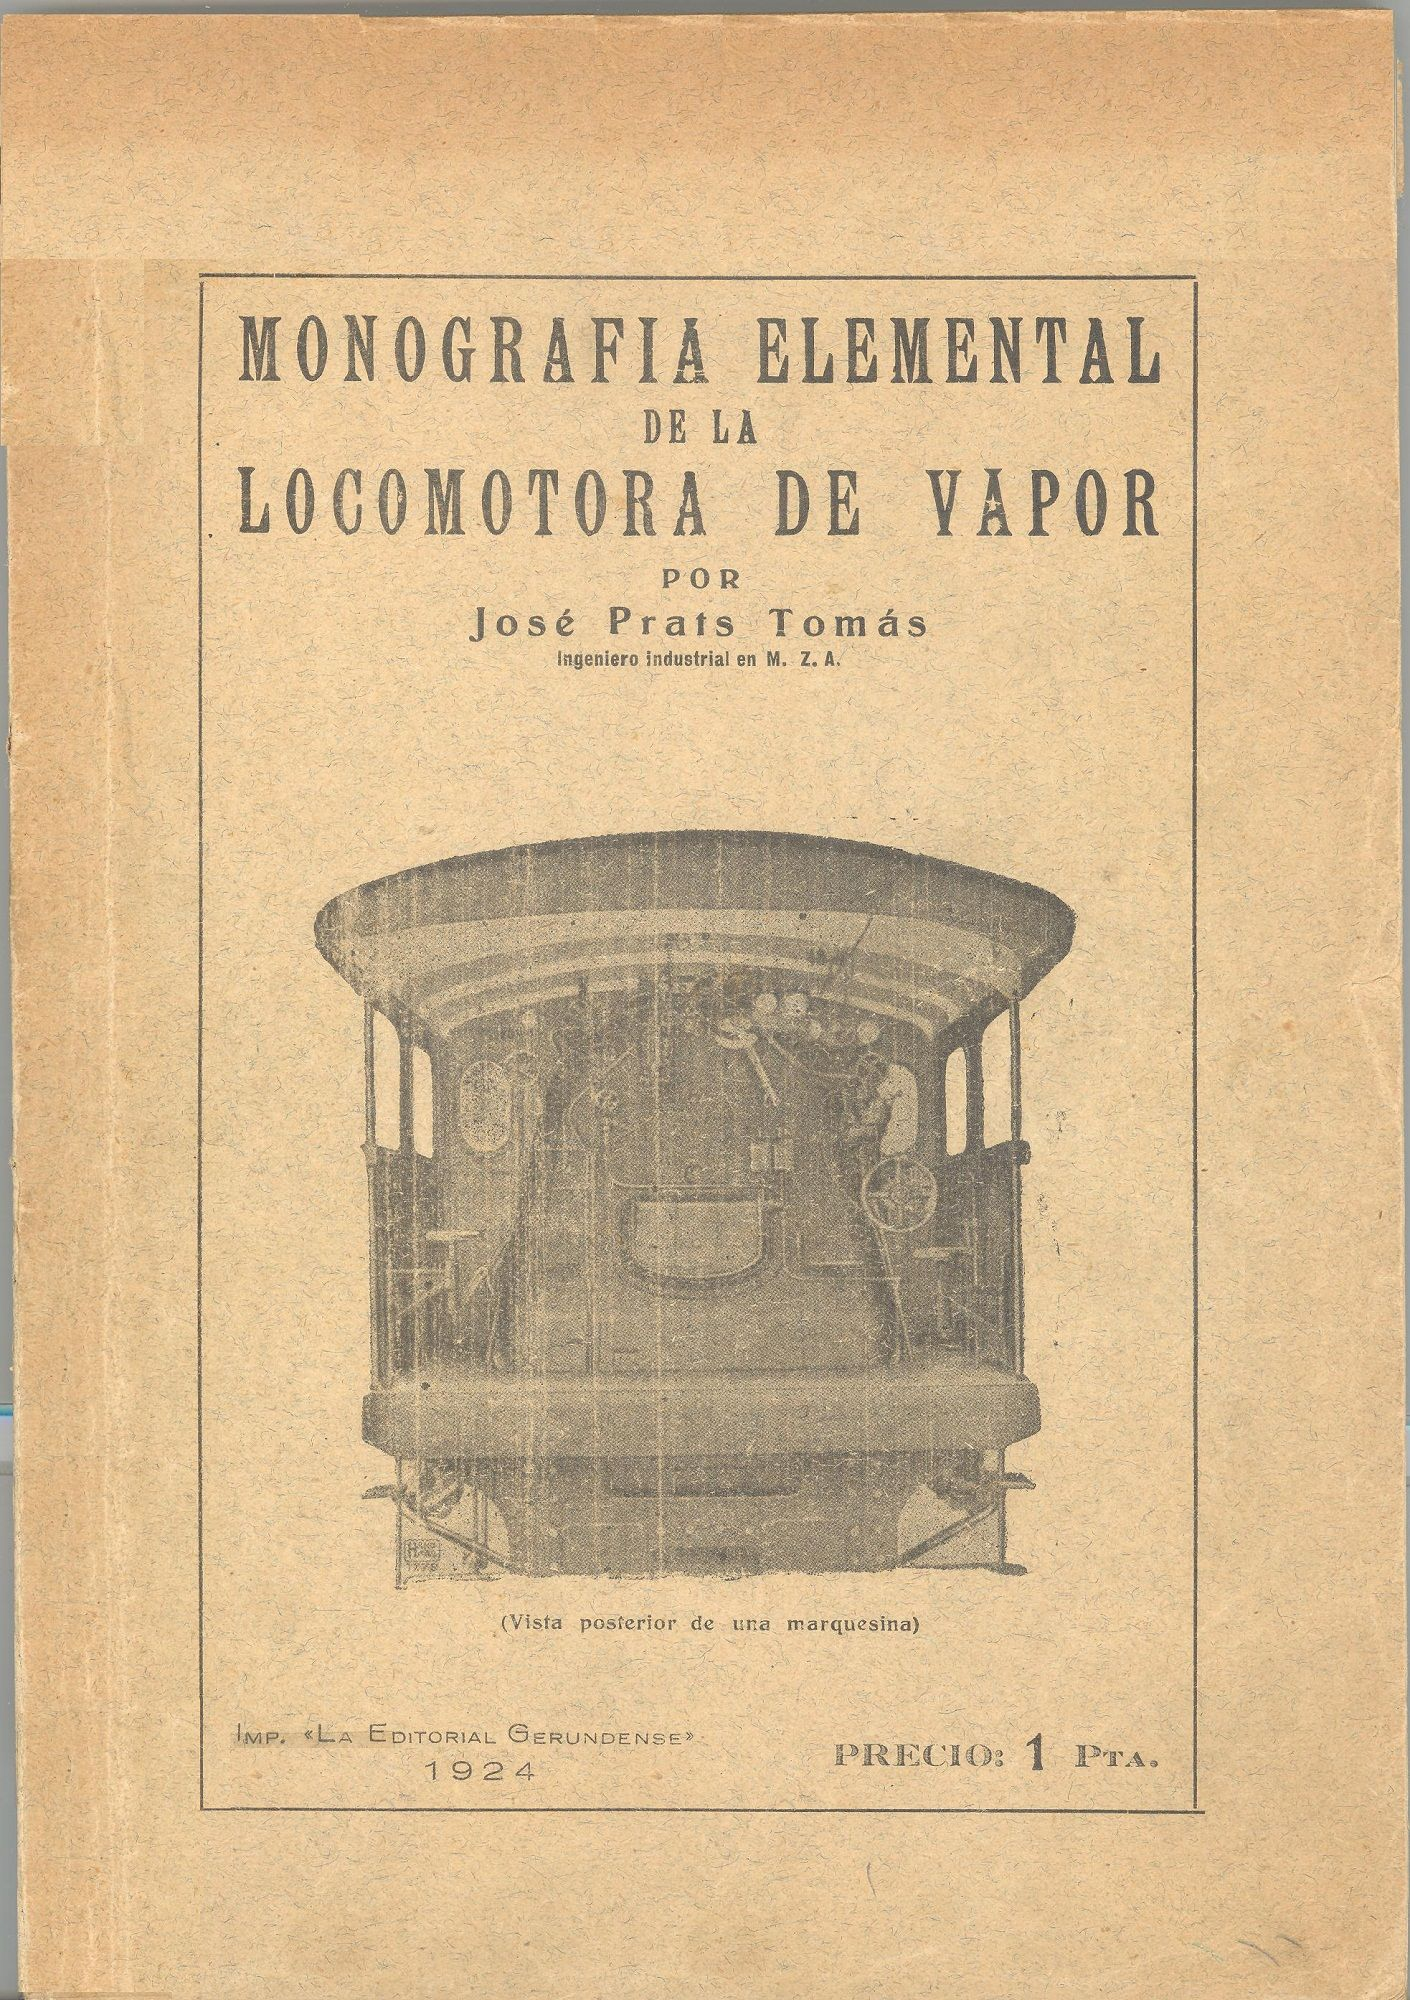 Pin de Fons Històric de Ciència i Tecnologia Exposicions virtuals en ...